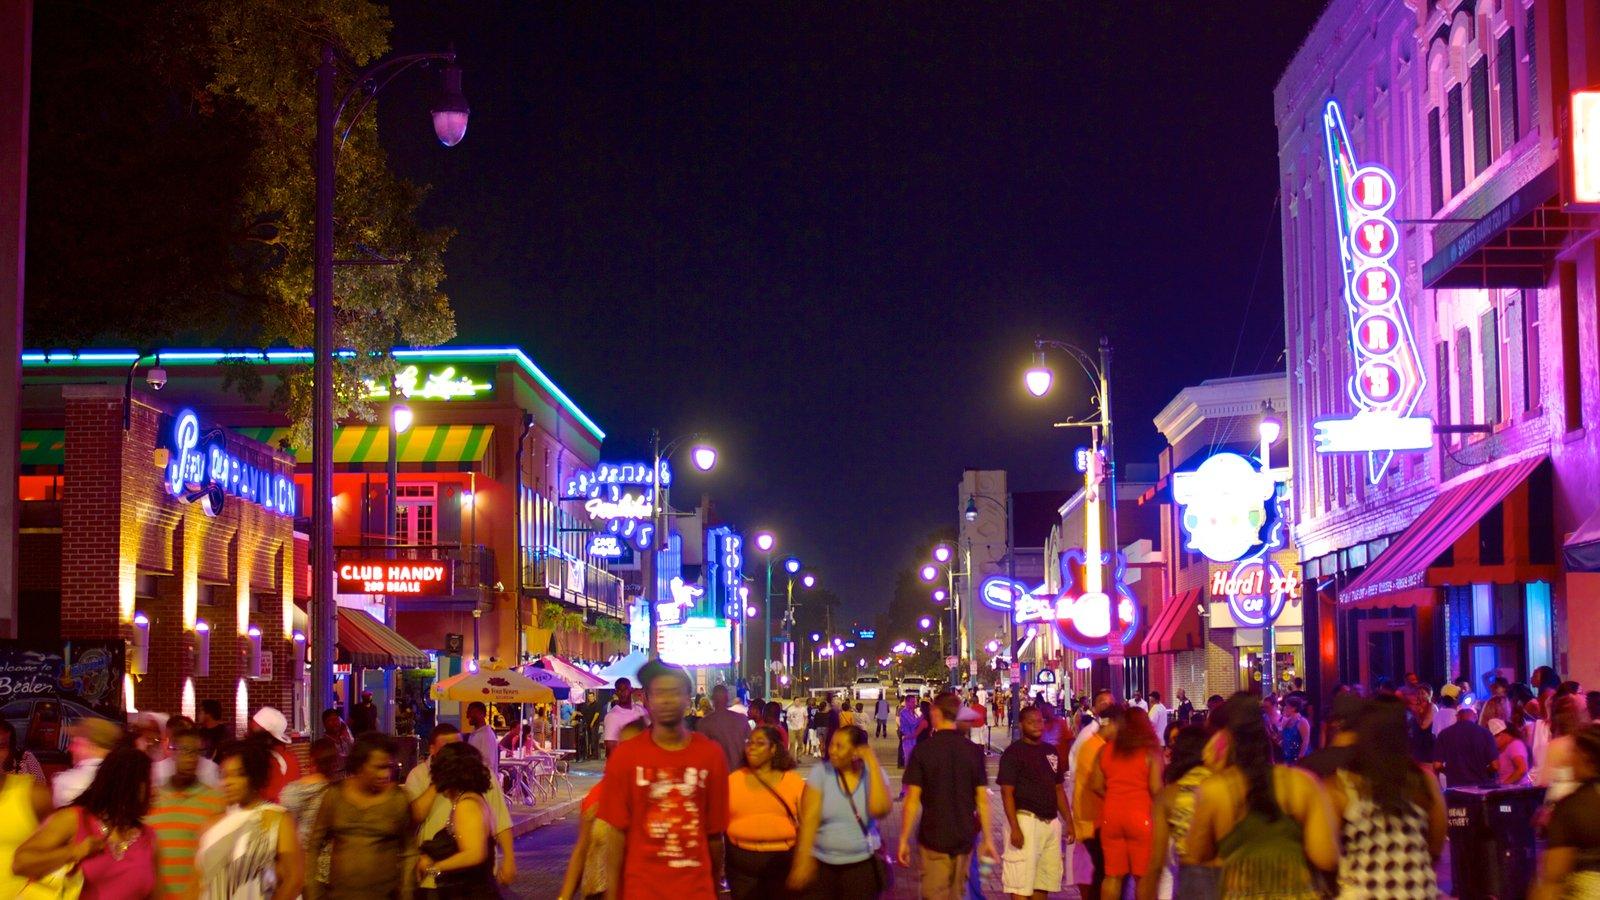 Beale Street ofreciendo vida nocturna, escenas urbanas y una ciudad